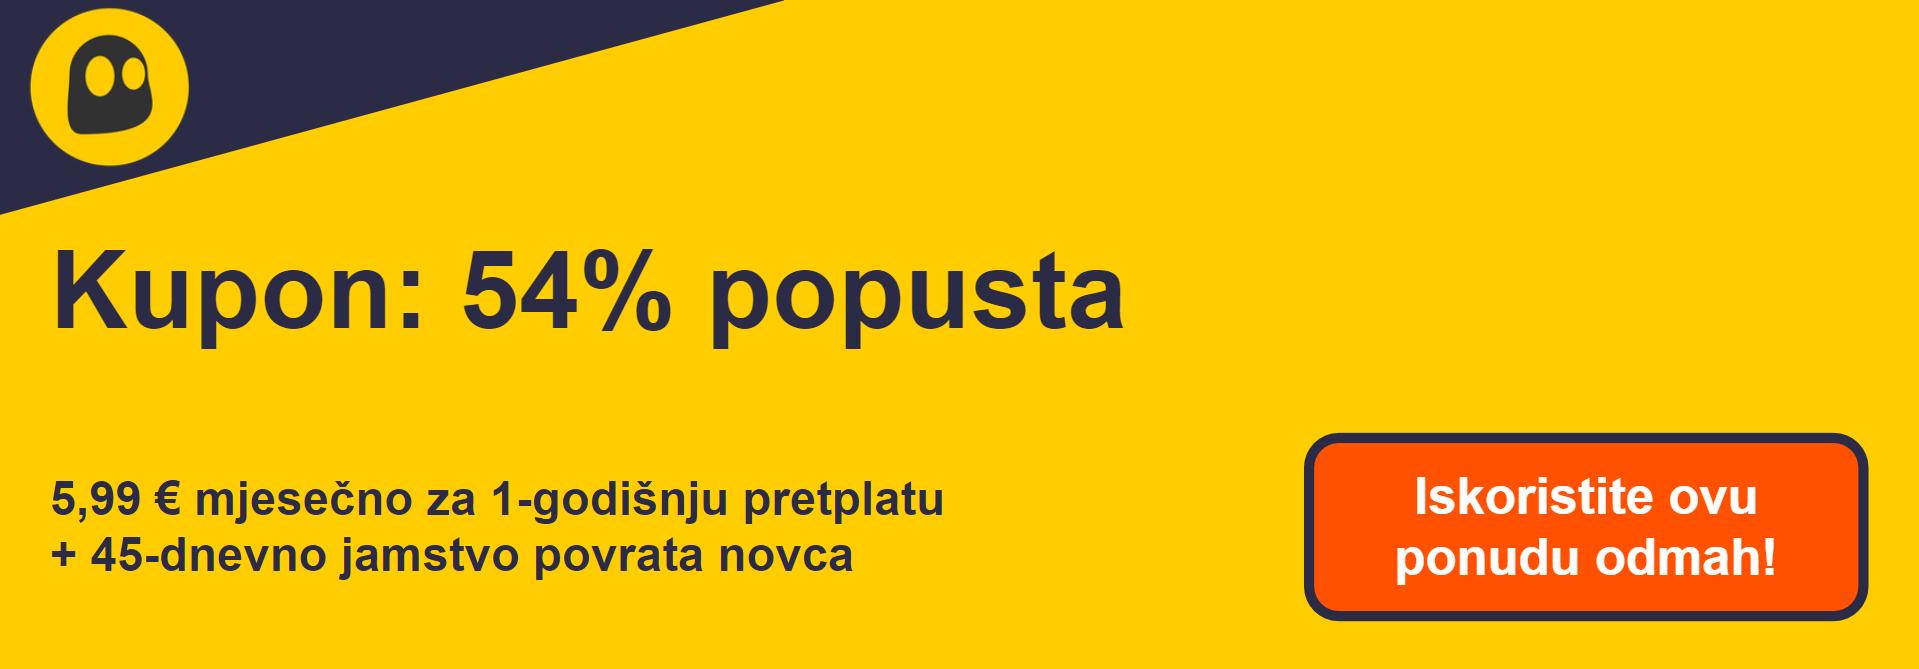 Grafika radnog CyberGhost VPN kupona koji nudi popust od 54%, što iznosi 6,99 USD mjesečno na jednogodišnju pretplatu s jamstvom povrata novca od 45 dana